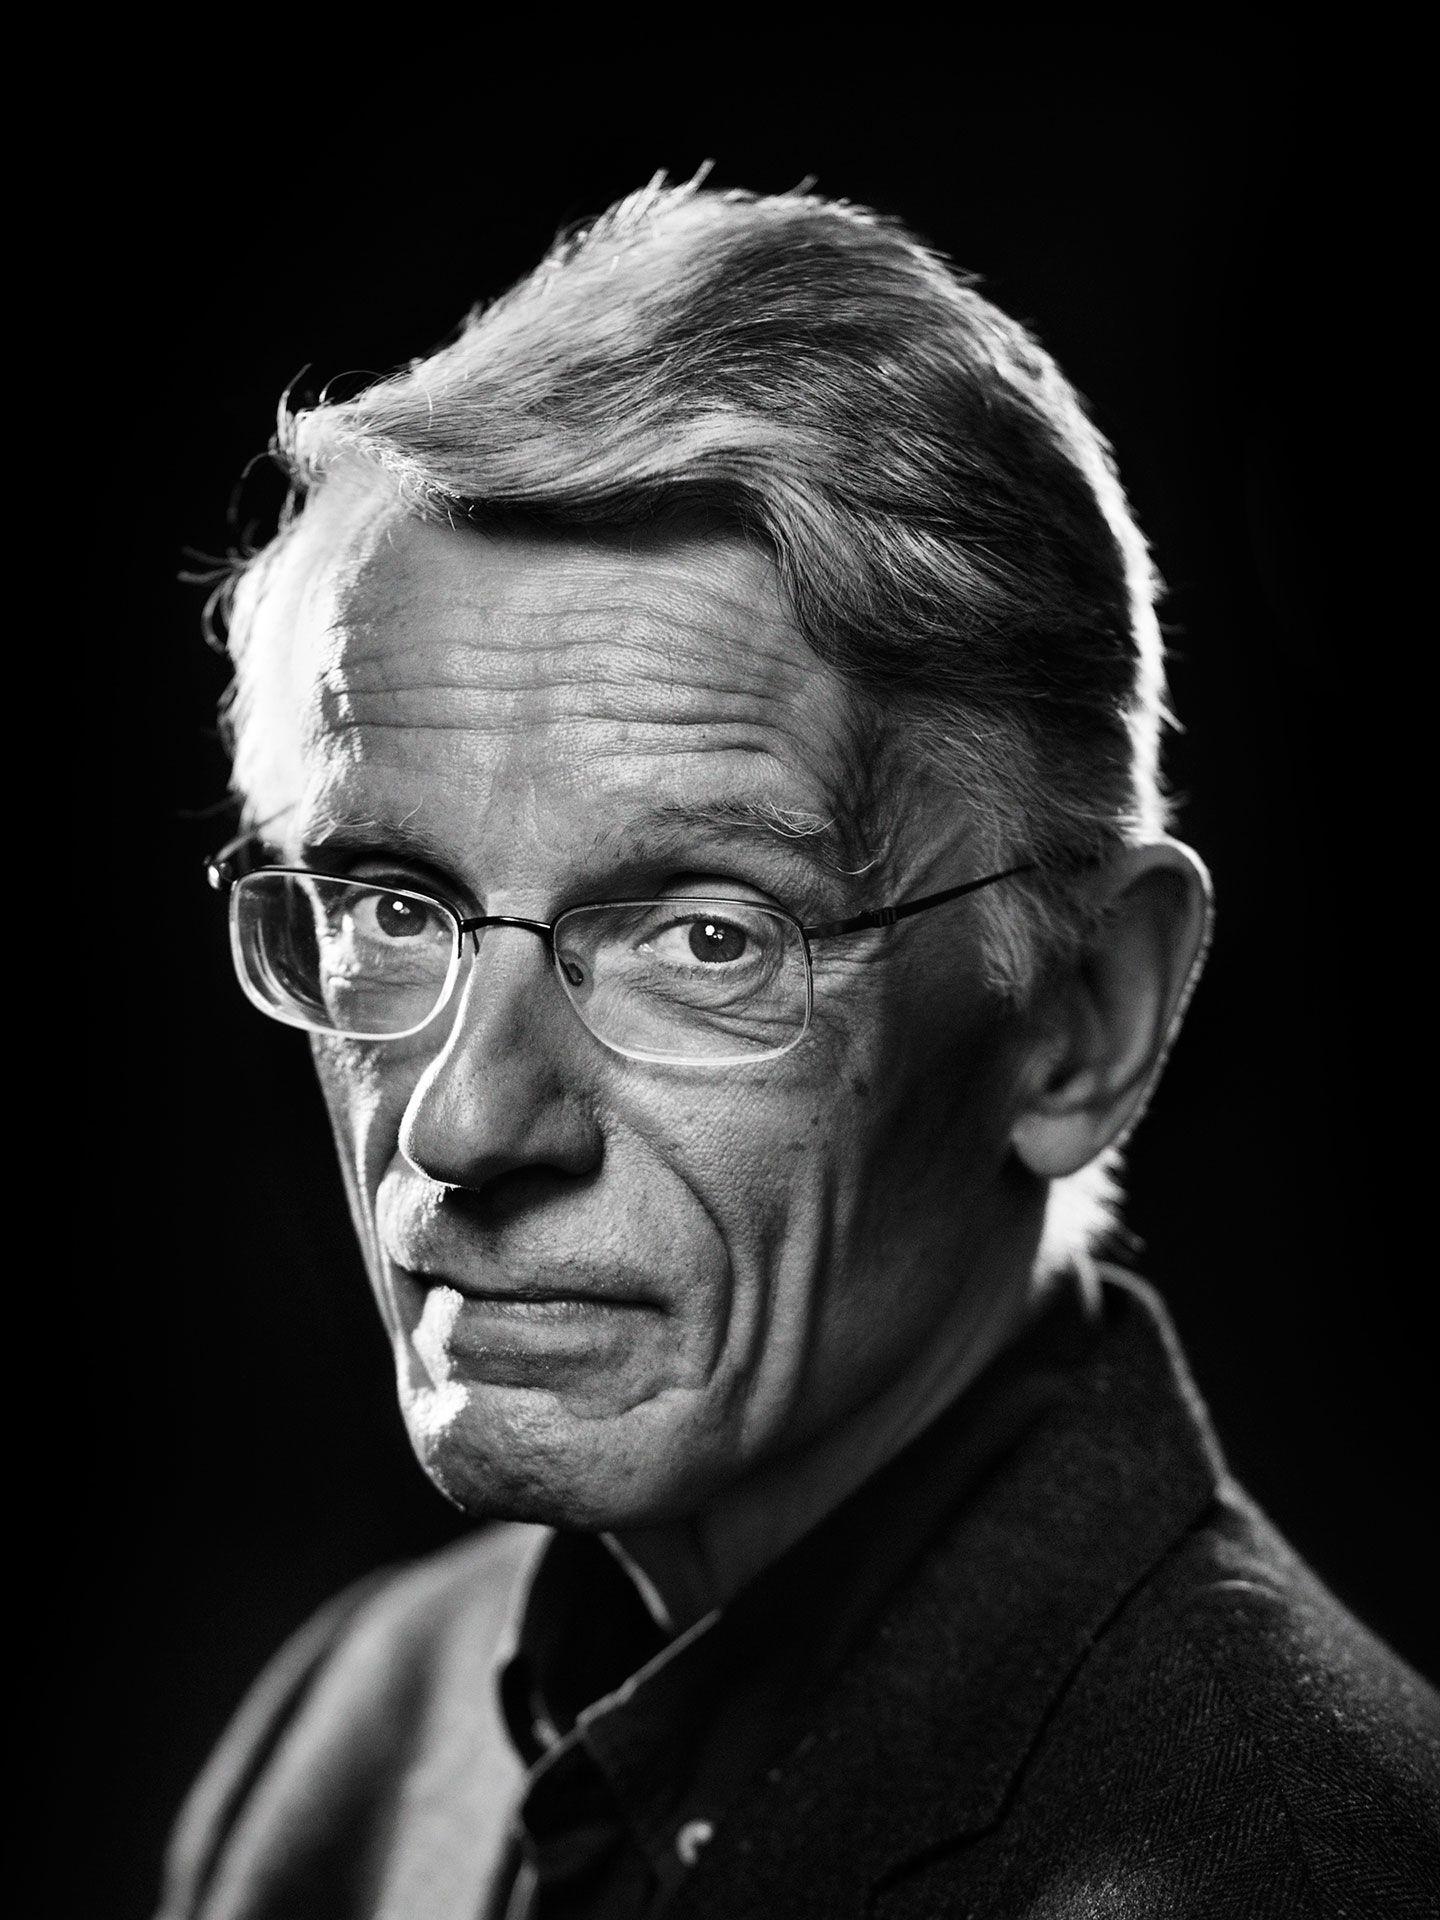 Black and white portrait of Bernard Emond by Jocelyn Michel.